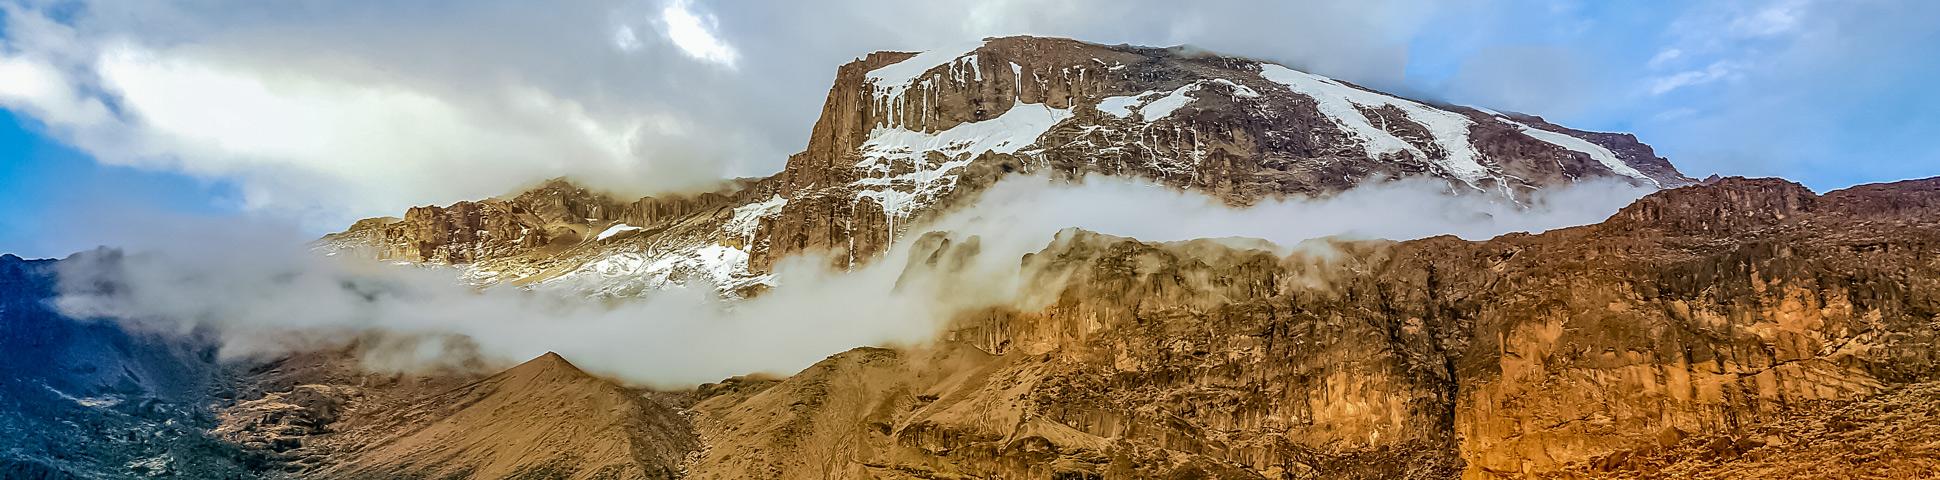 7-Day Mount Kilimanjaro on Umbwe Route